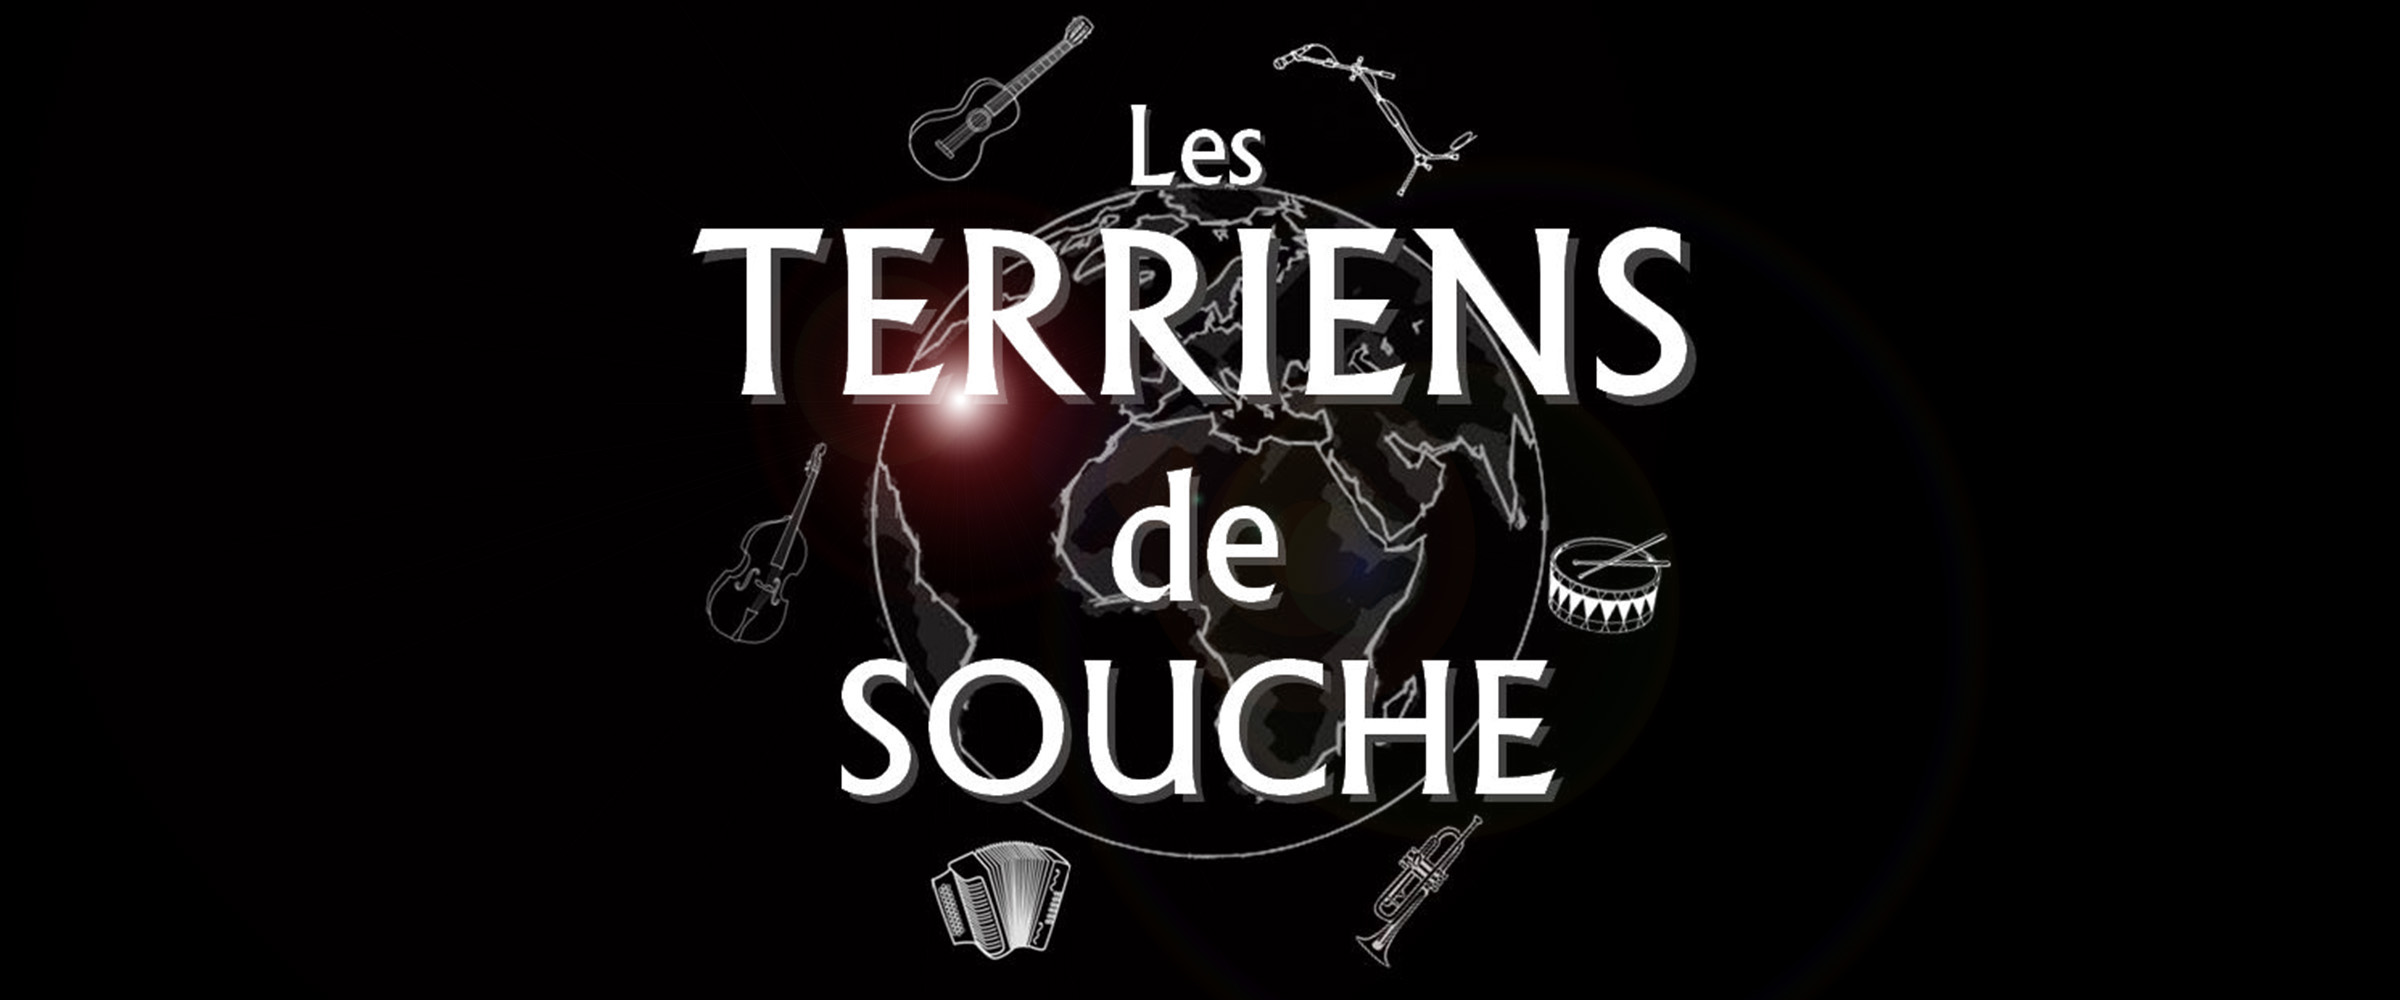 LES TERRIENS DE SOUCHE